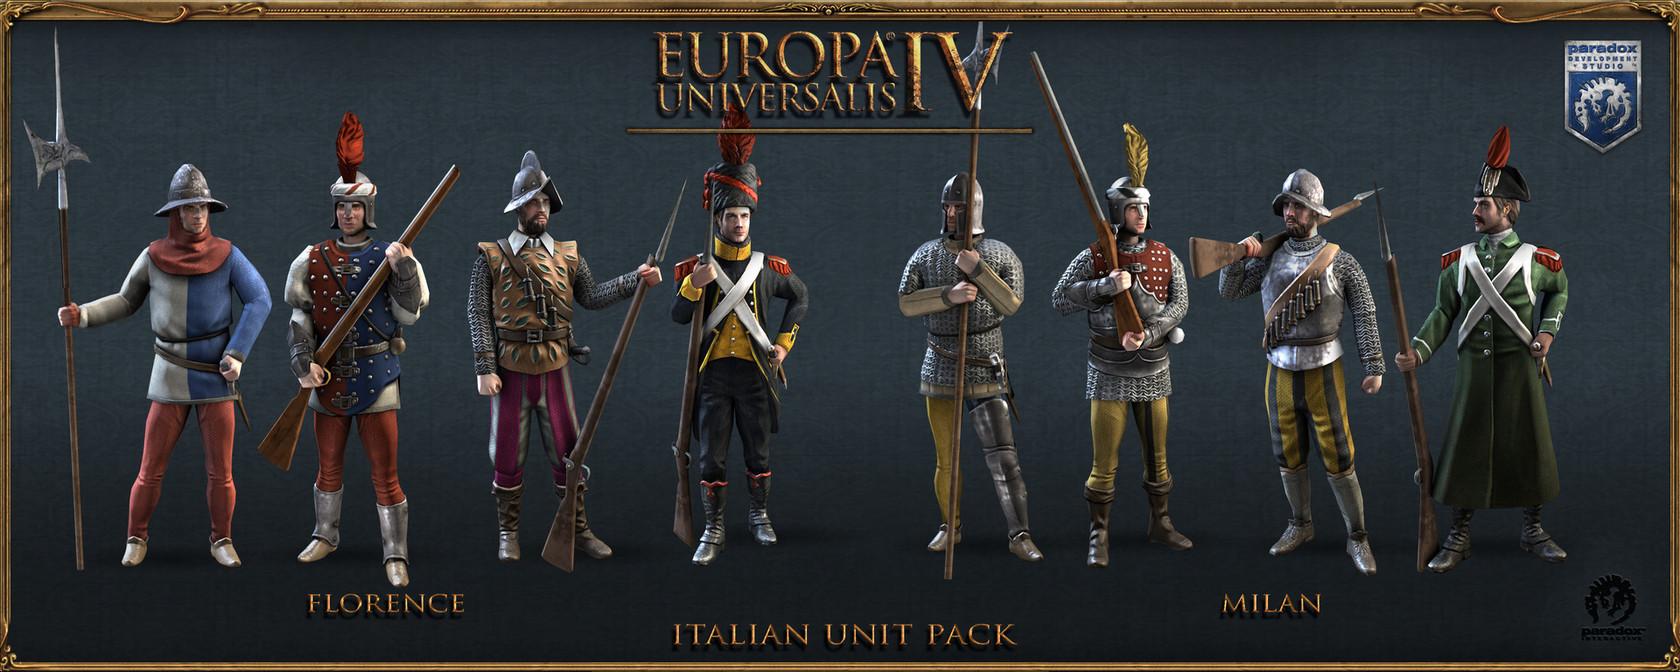 Europa Universalis IV: Mare Nostrum Content Pack   macgamestore com